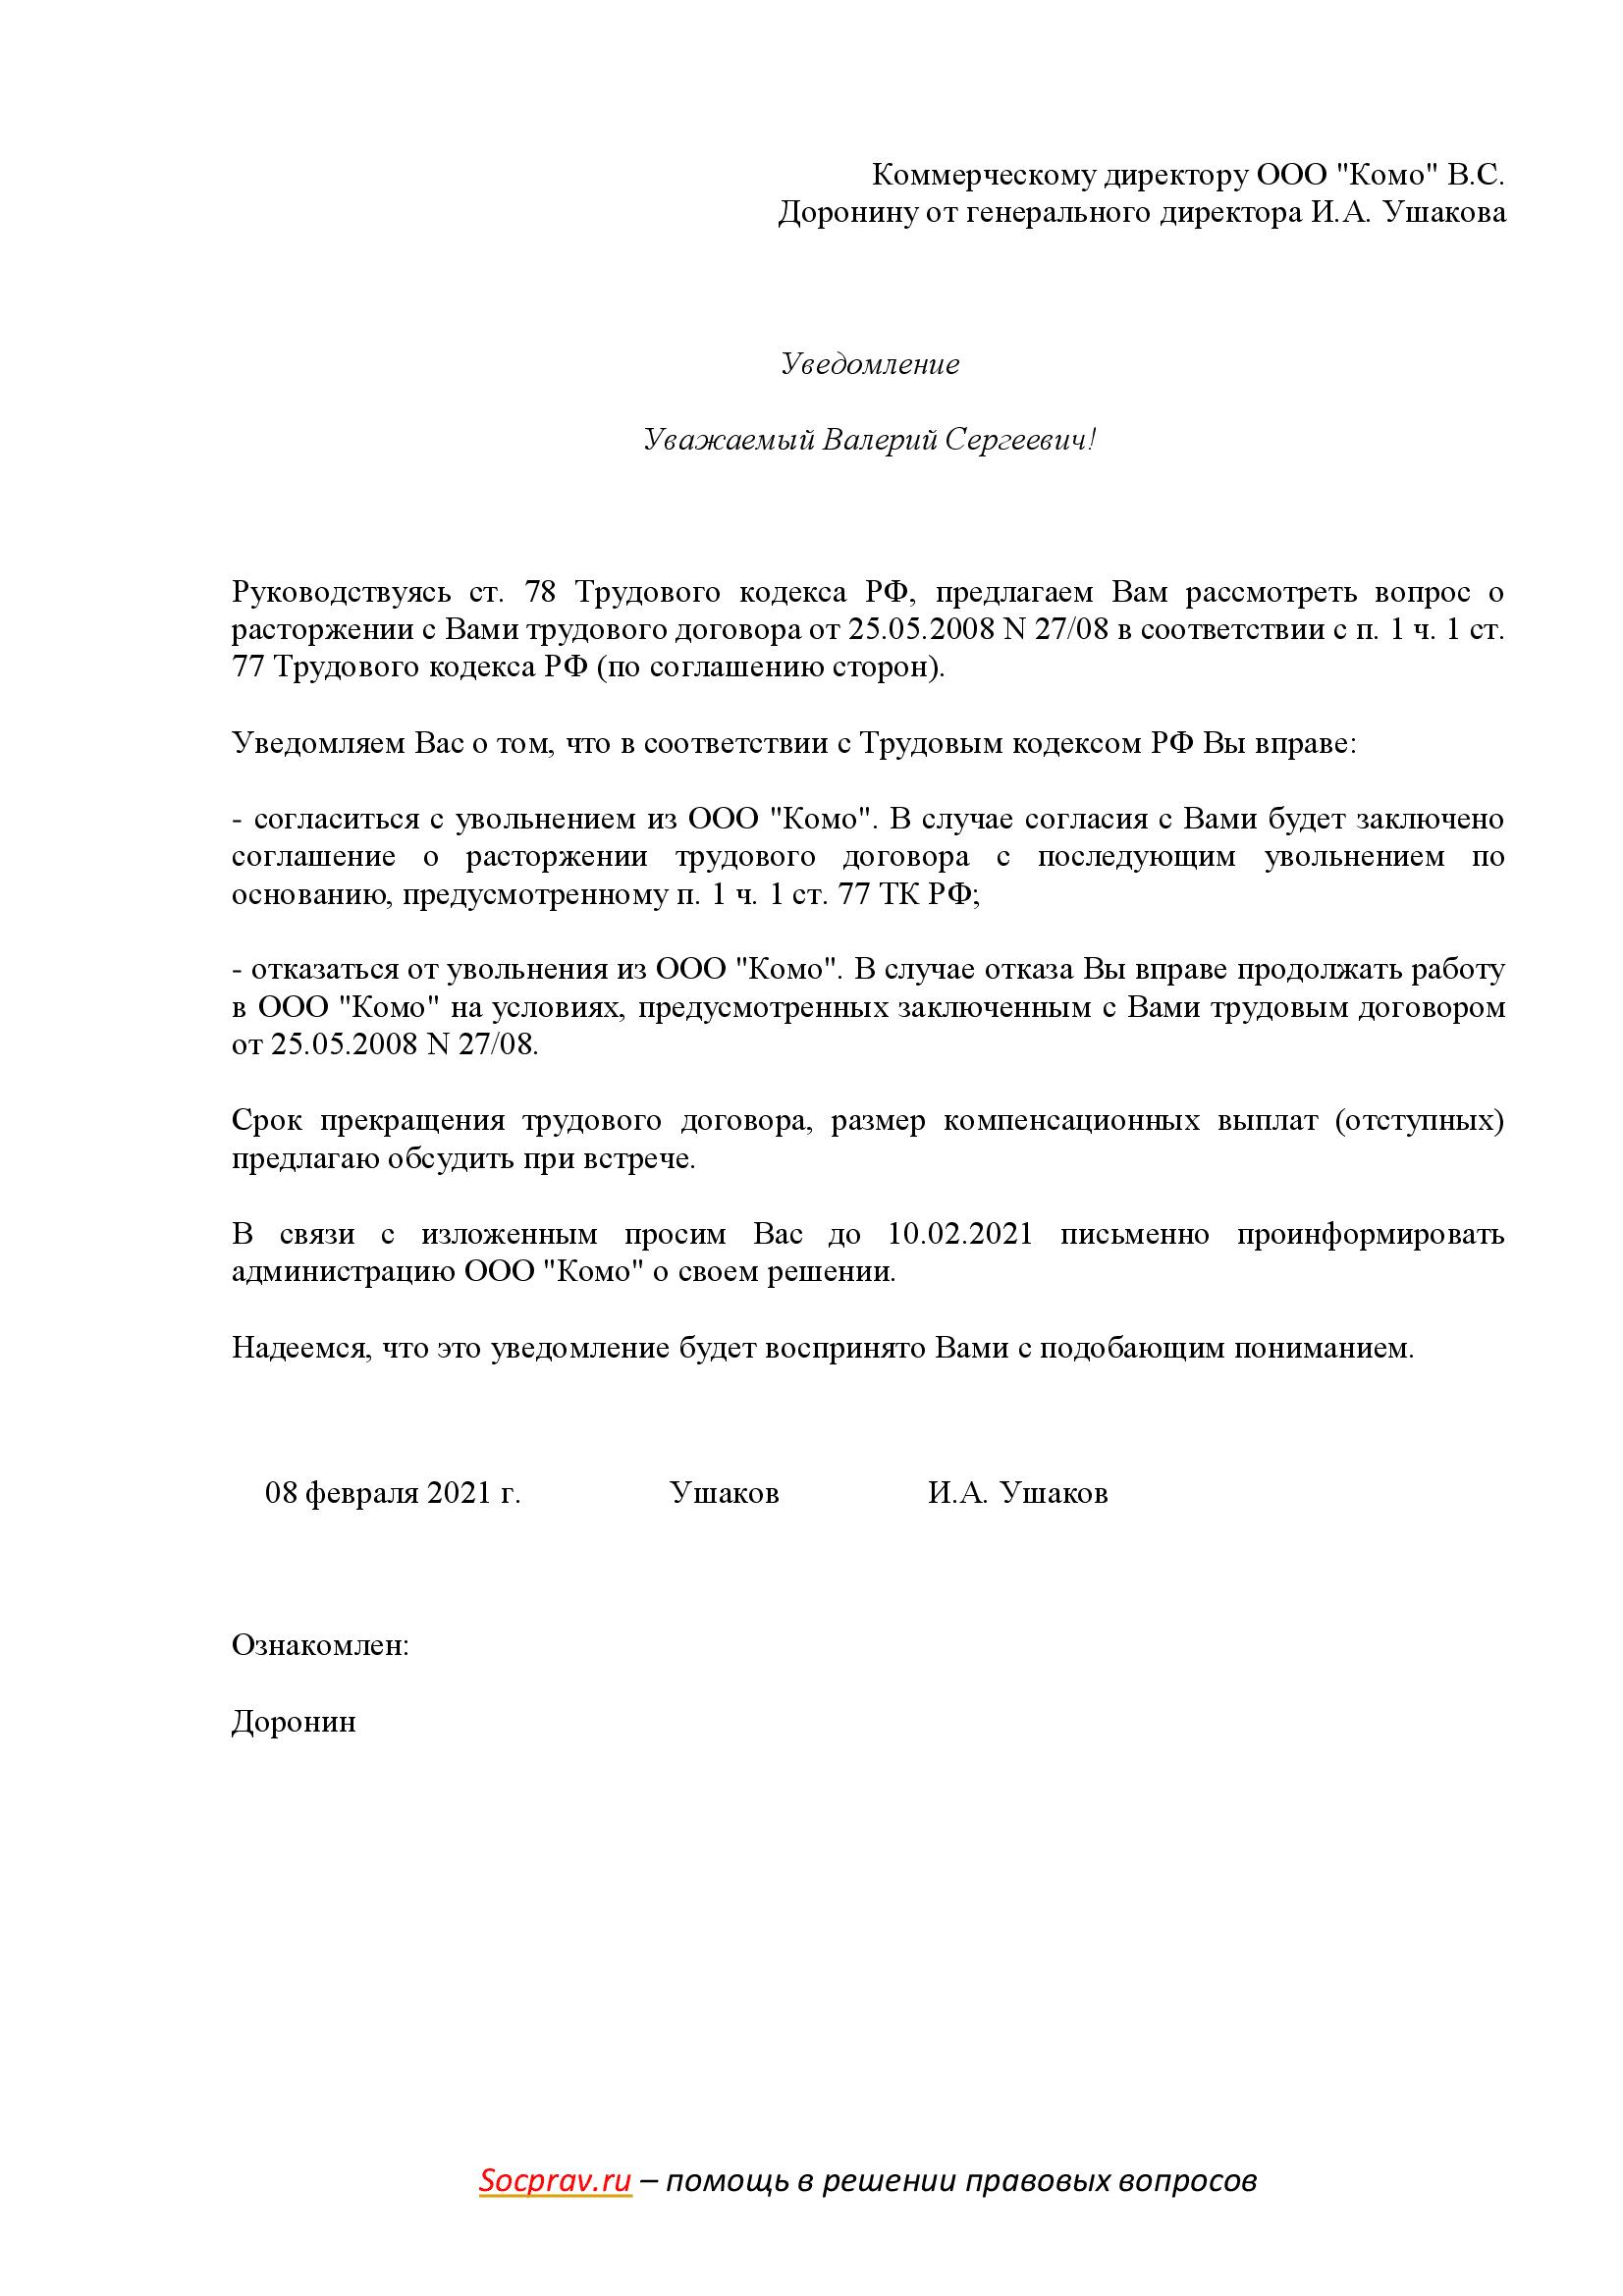 Уведомление о расторжении трудового договора по соглашению сторон